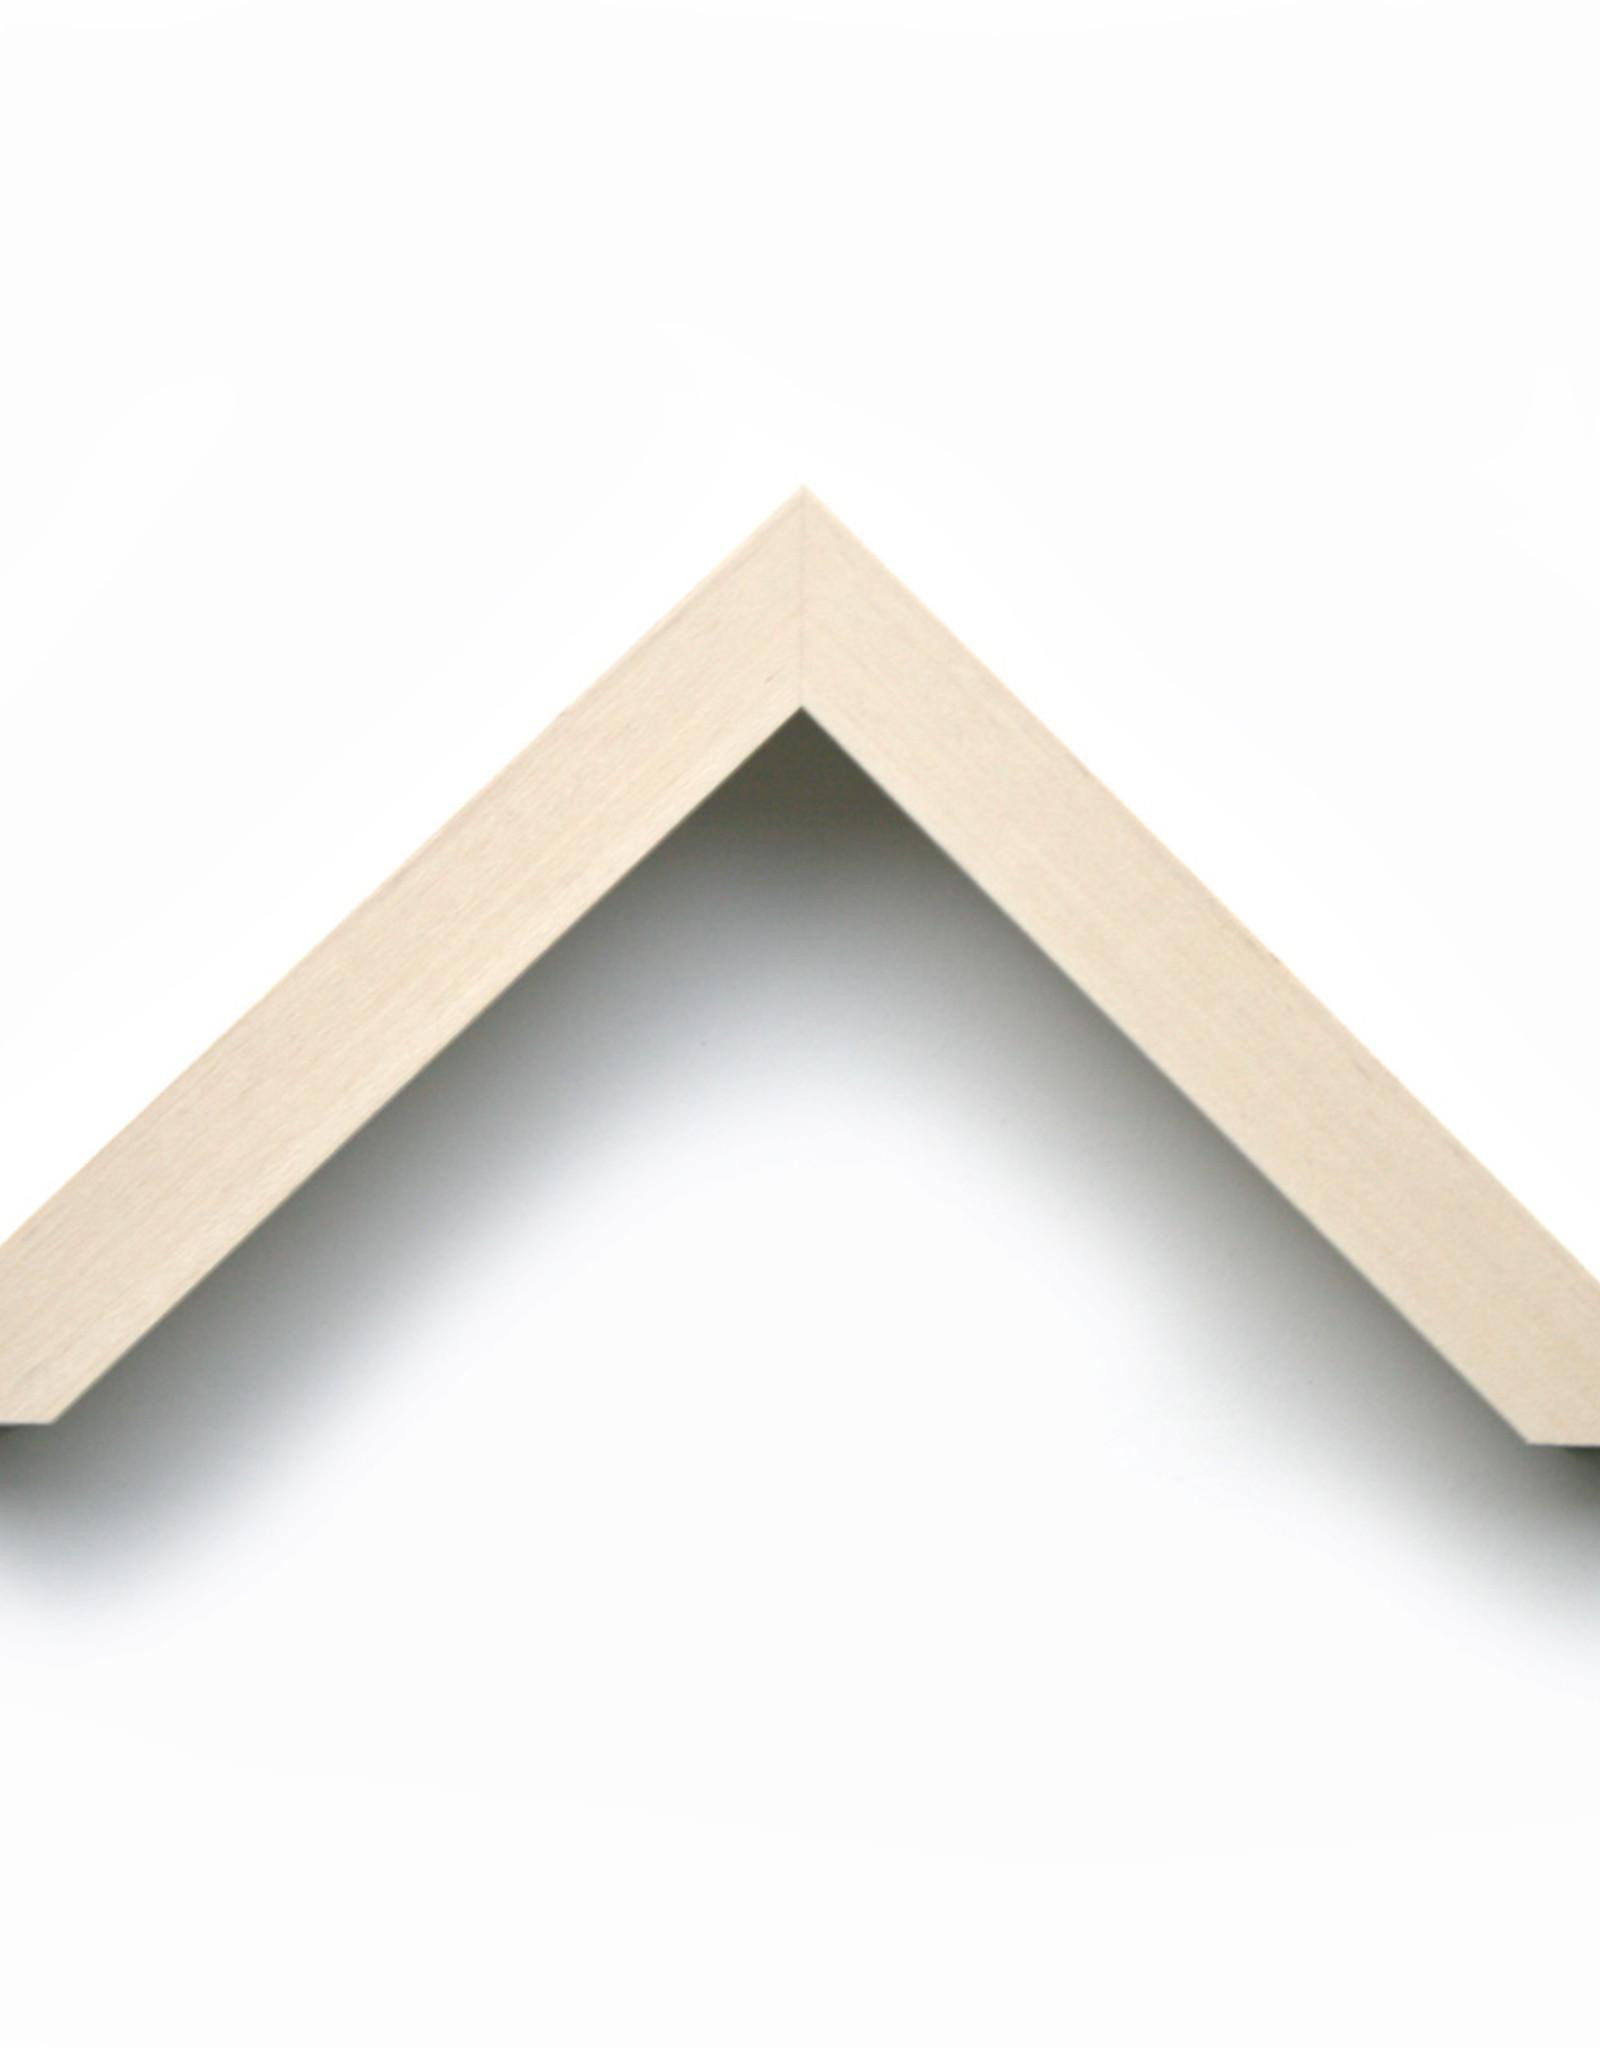 Barth¨ (Larson Juhl) Wissellijst 70x90 Barth profiel 18x28mm(210)